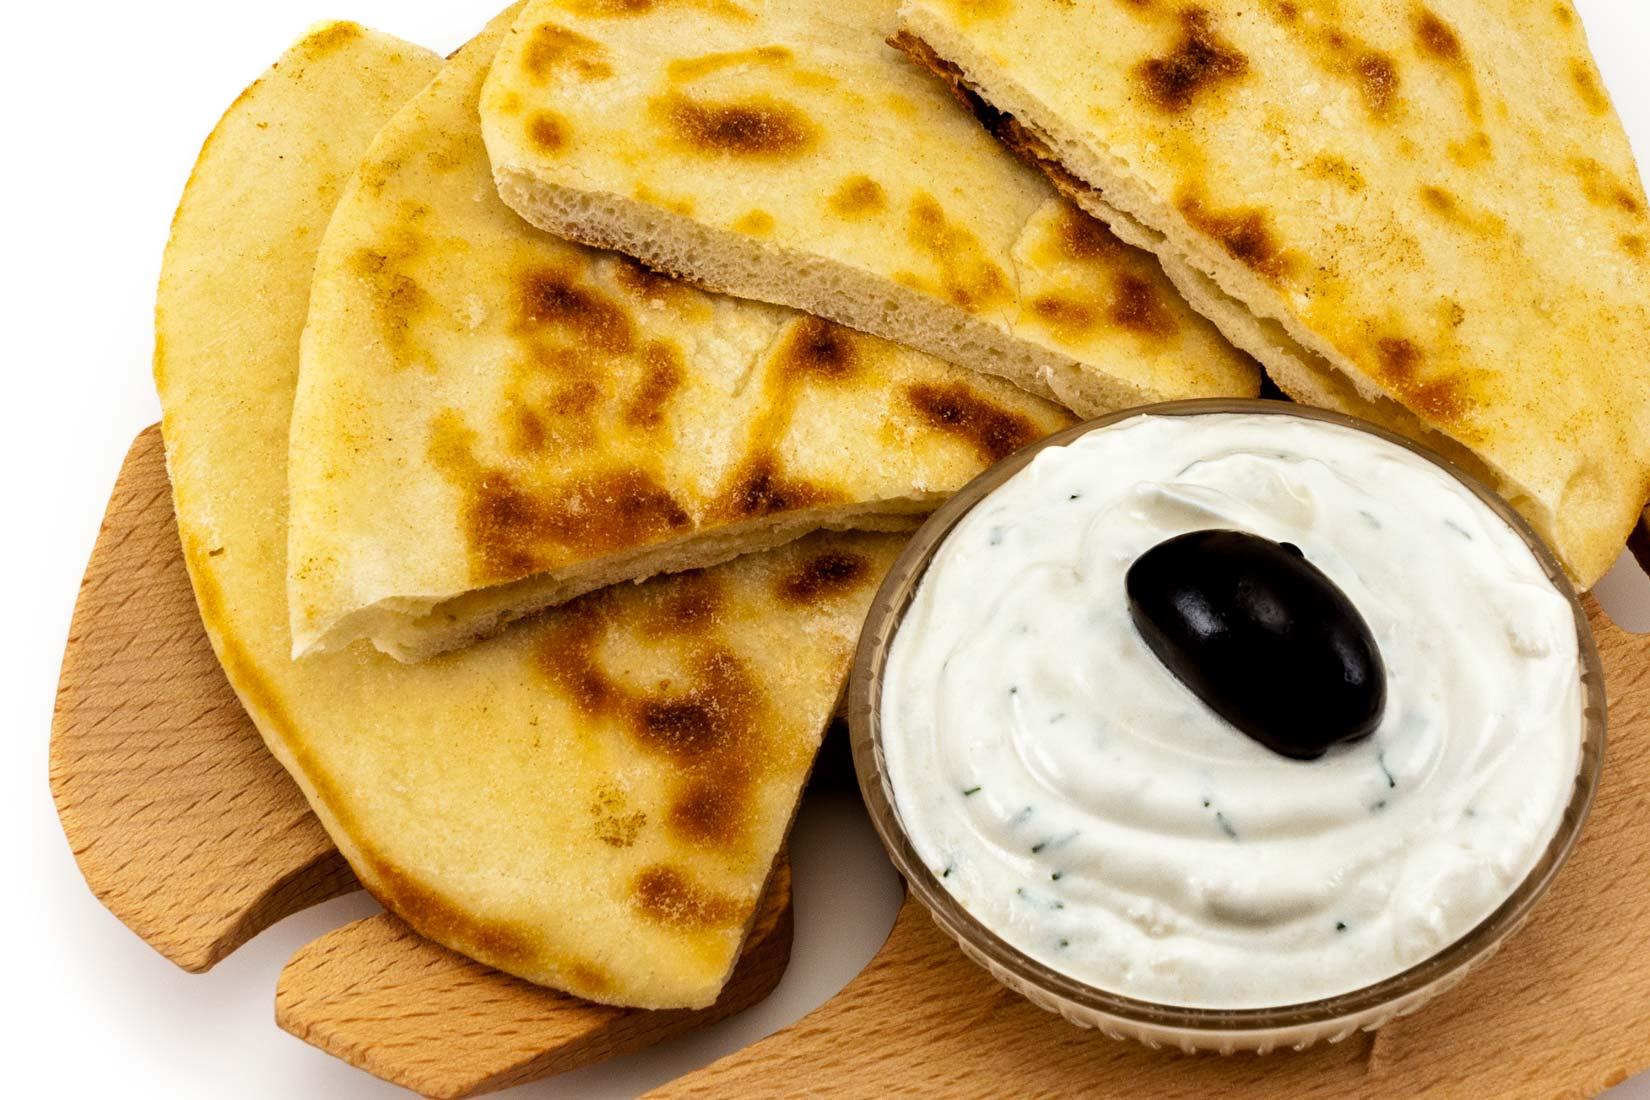 Čerstvě upečený Pita chléb je zhruba 5 mm silný a je lehce nadýchaný